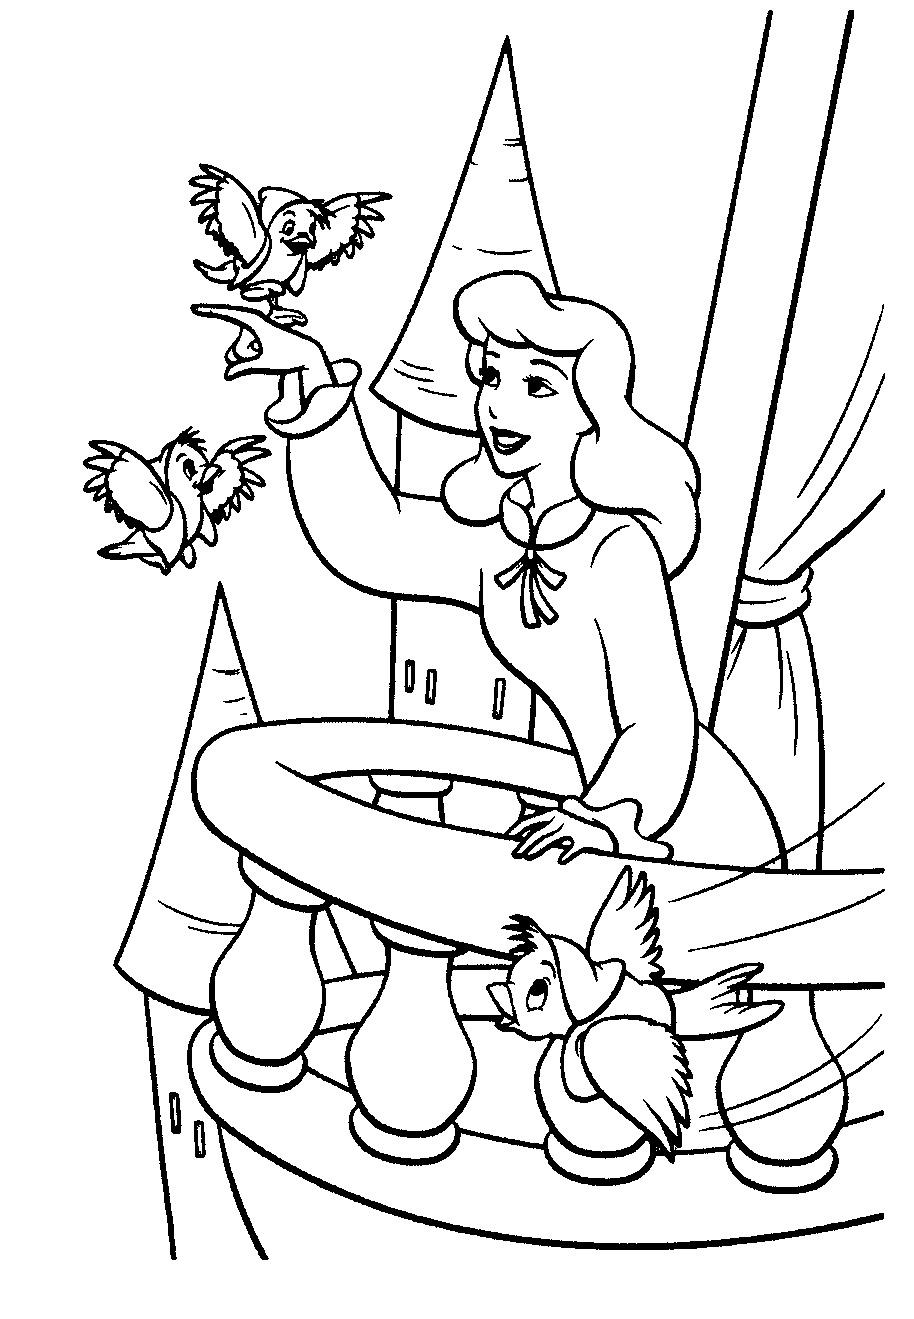 cinderella coloring coloring pages cinderella free printable coloring pages coloring cinderella